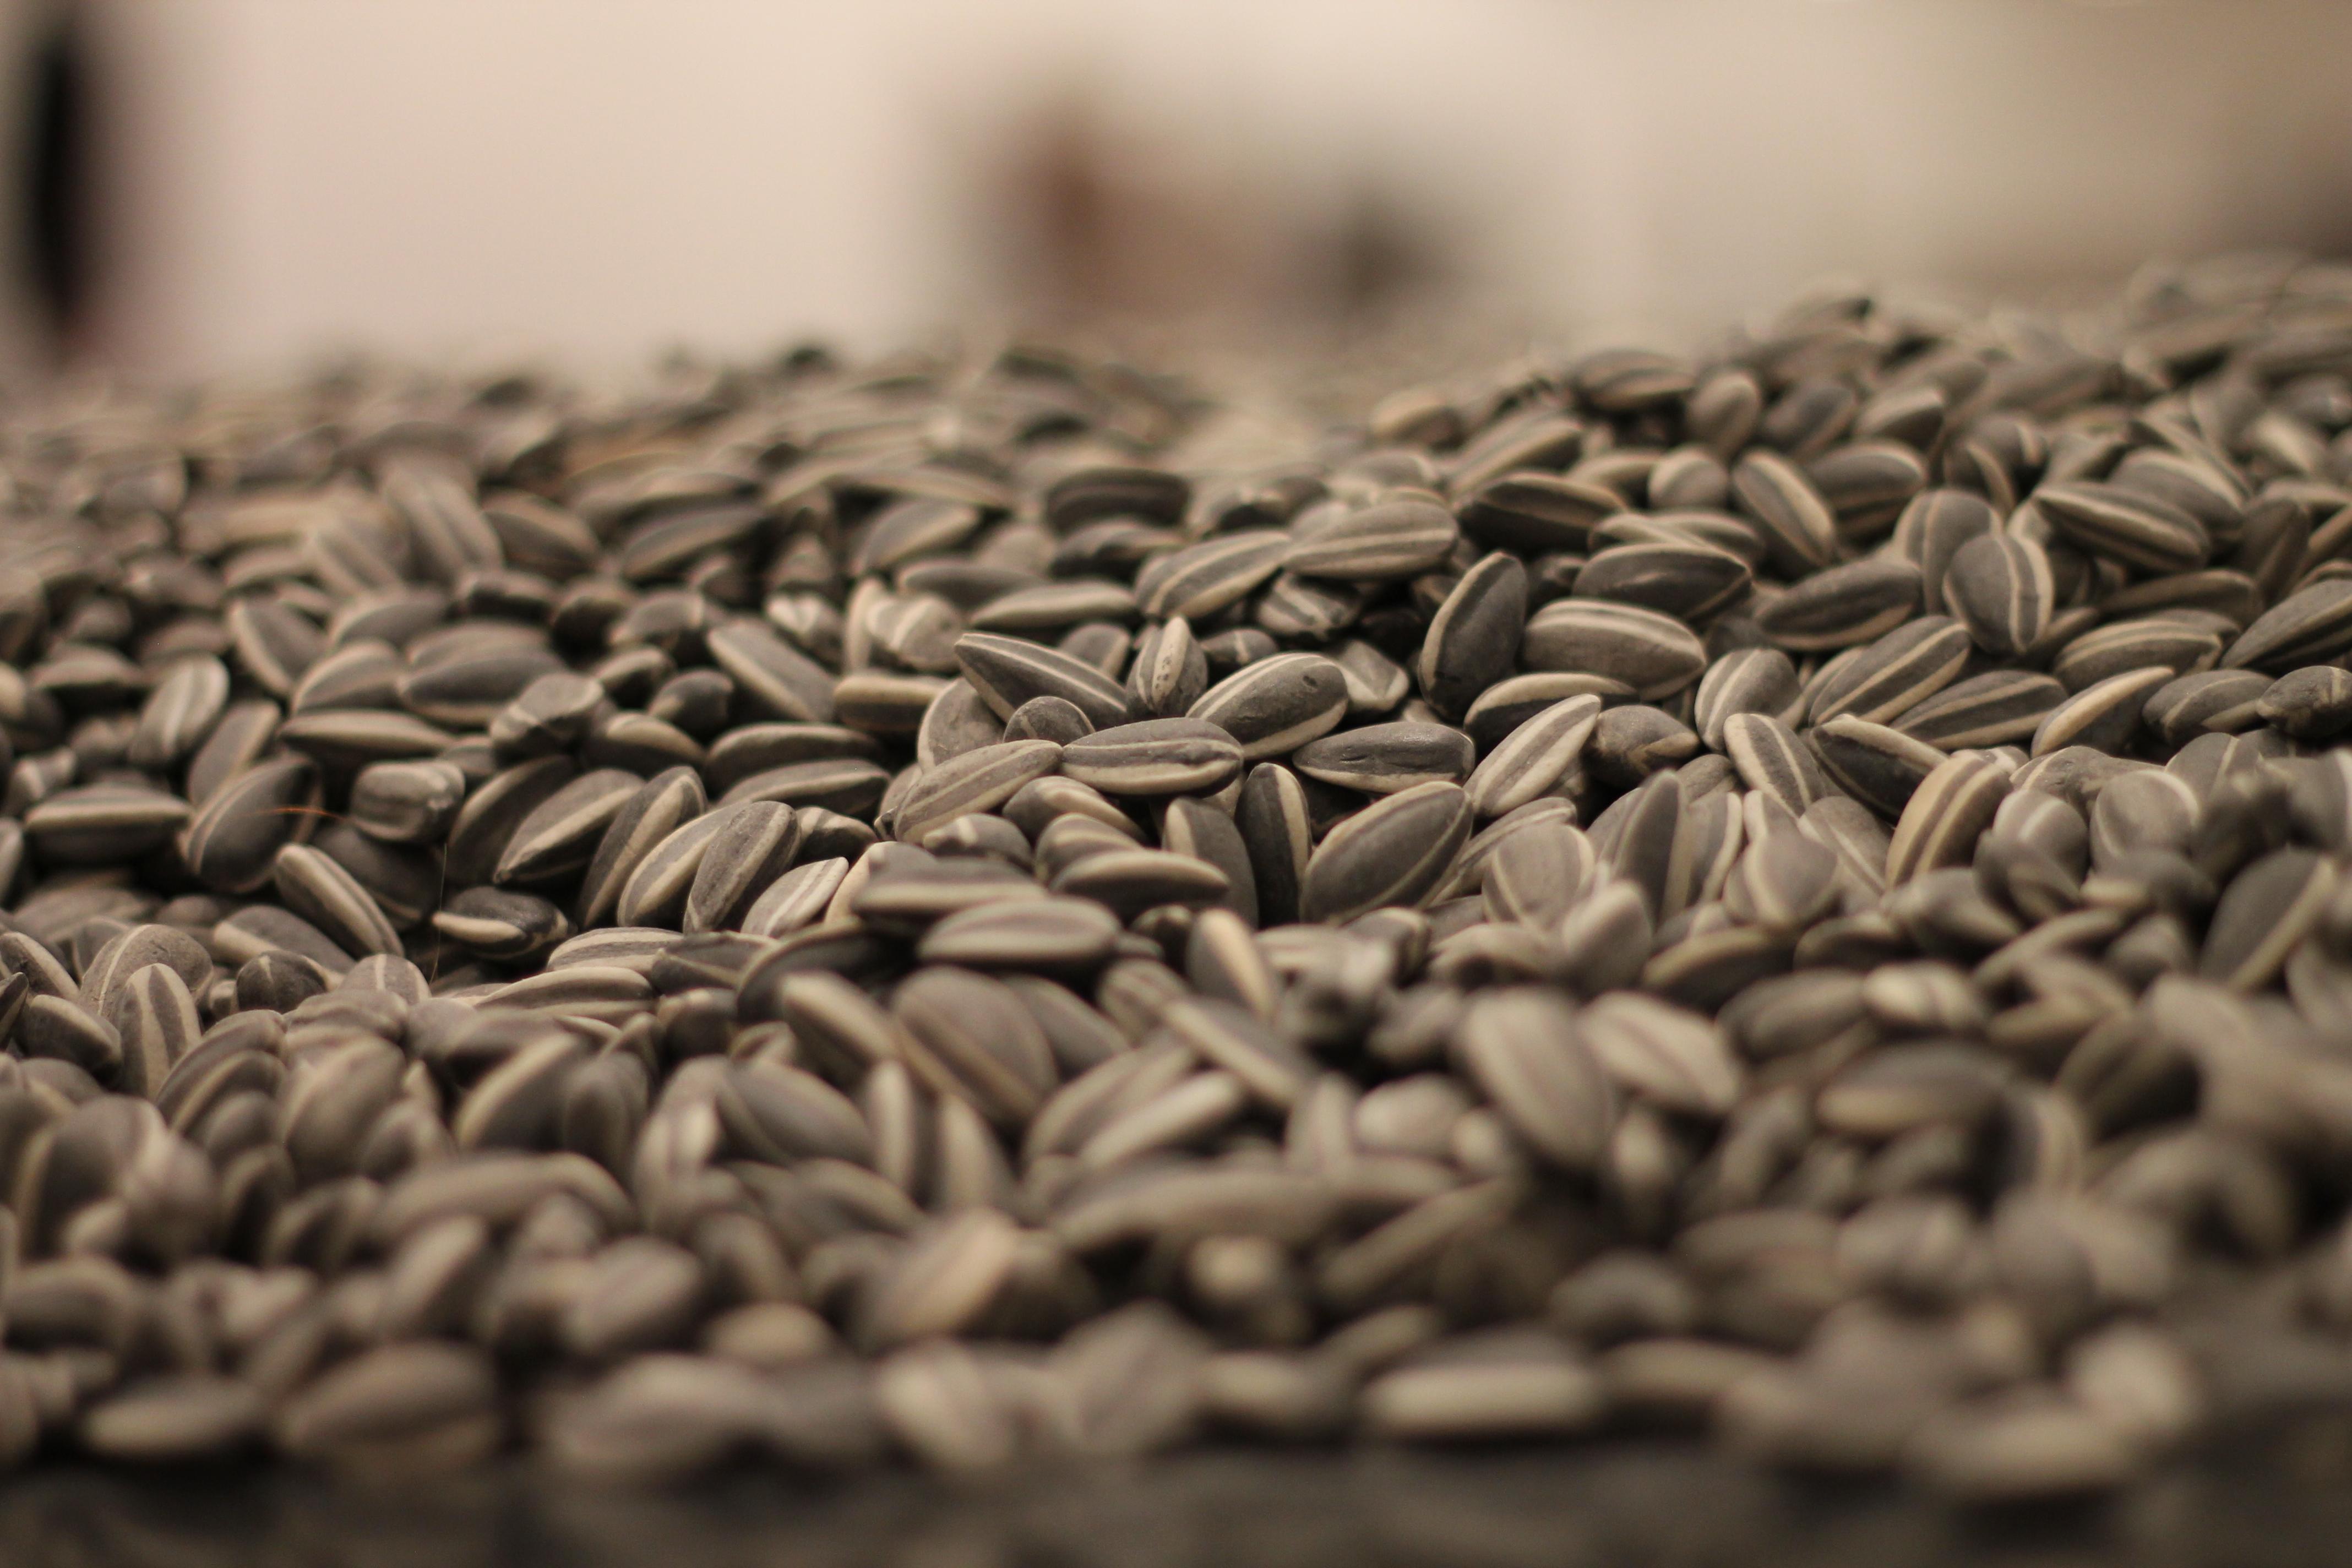 Sunflower_Seeds_by_Ai_Weiwei.jpg